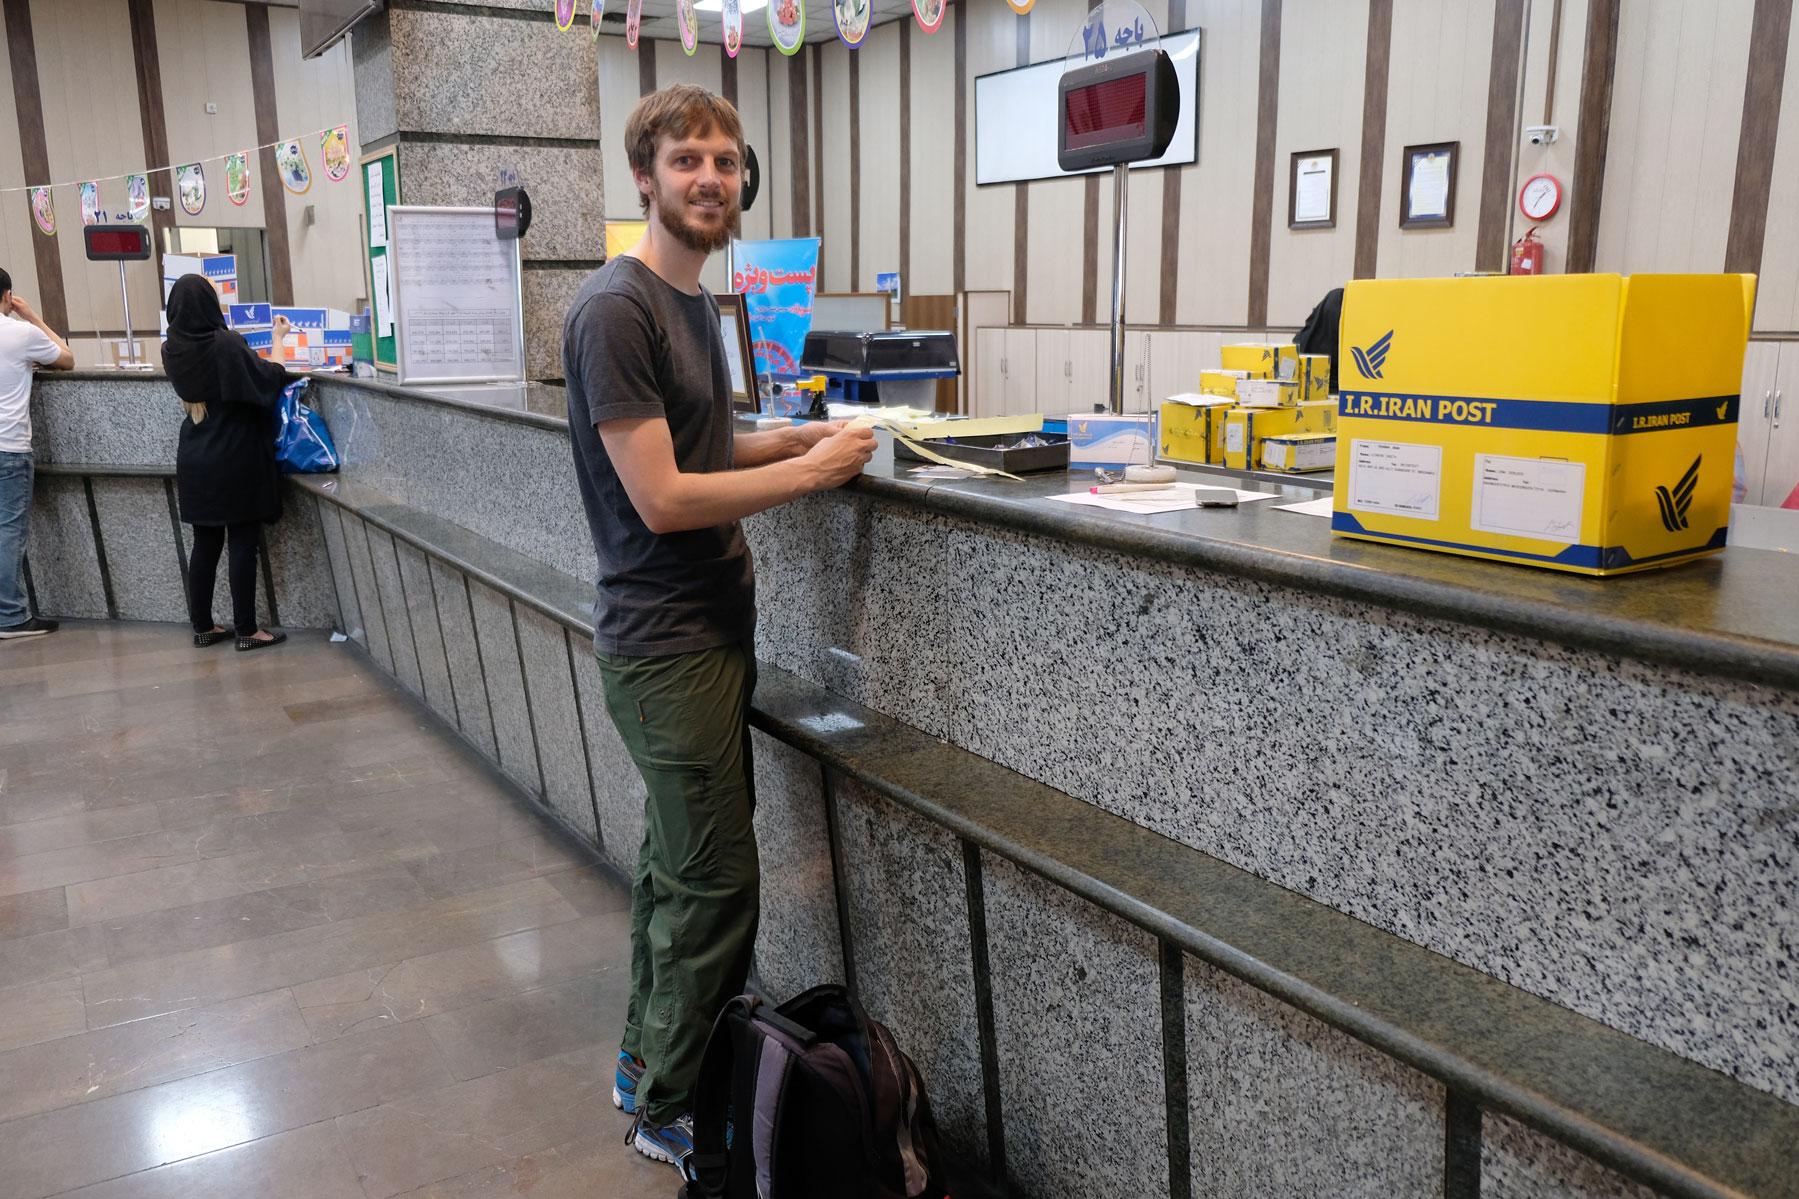 Auch am Teheraner Postamt schauen wir vorbei - eine zeitintensive Erfahrung für sich :-)